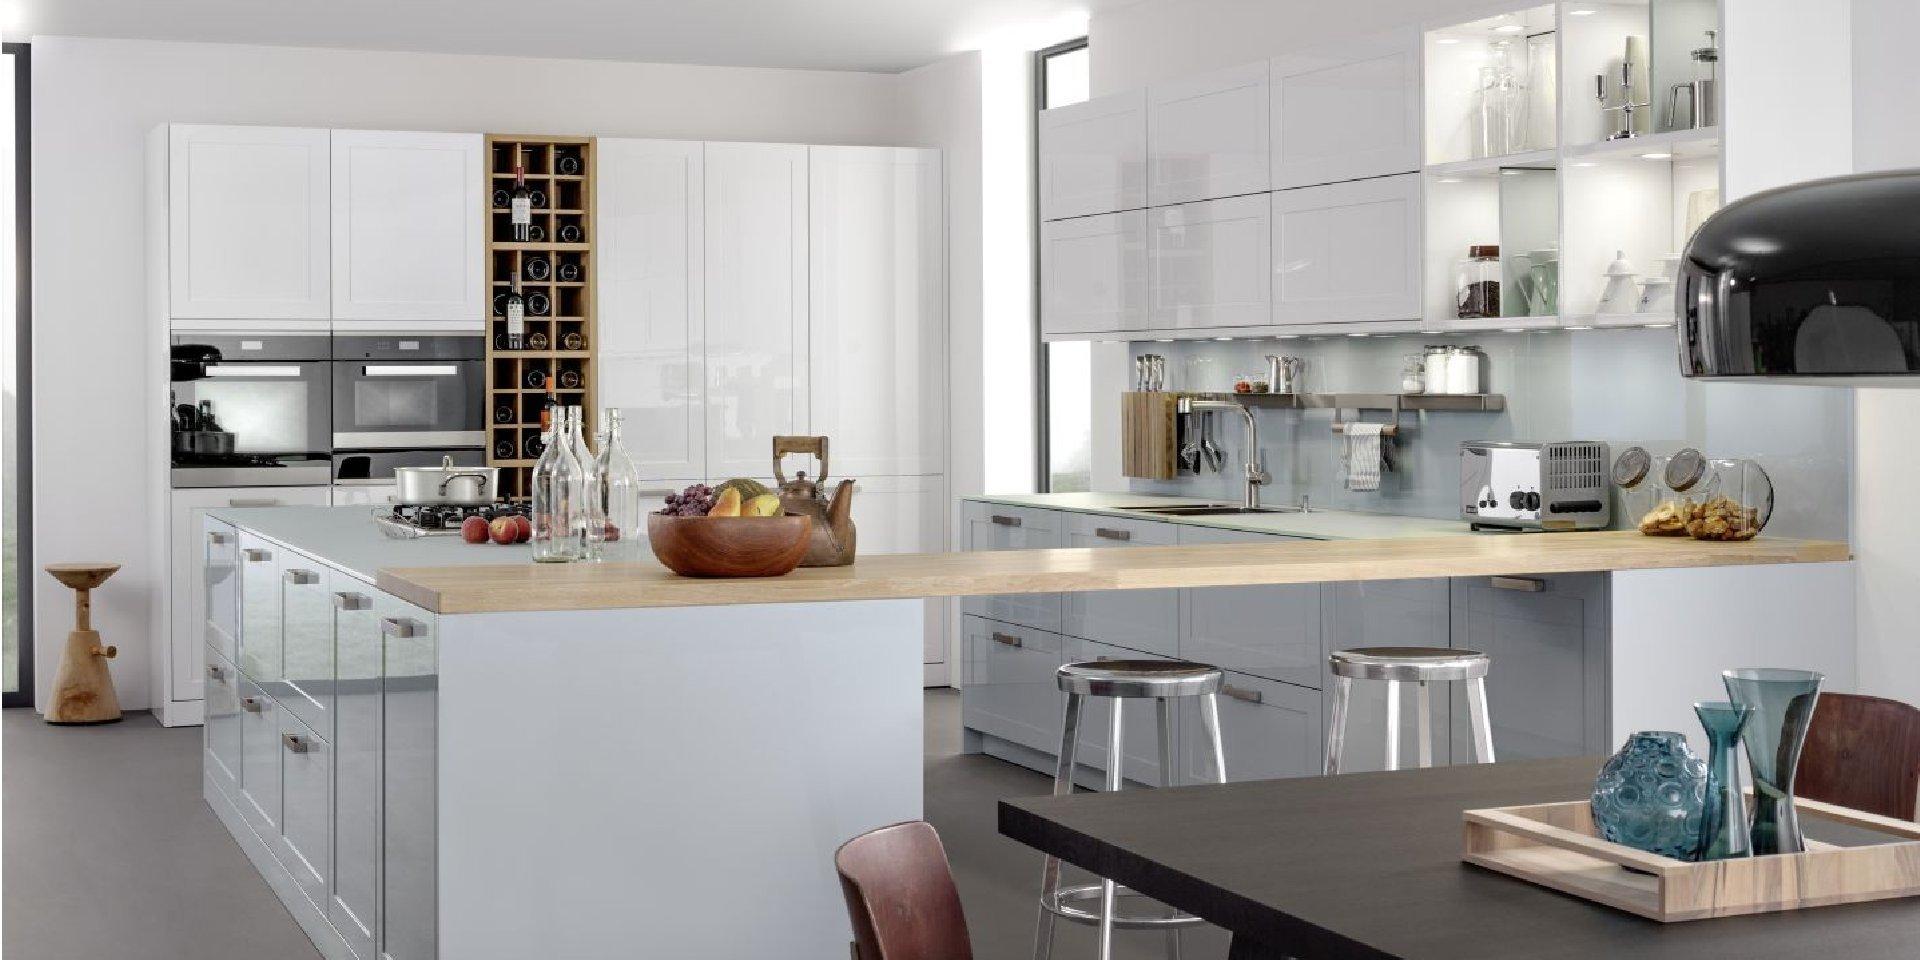 m bel bauer kg wohnbereiche. Black Bedroom Furniture Sets. Home Design Ideas